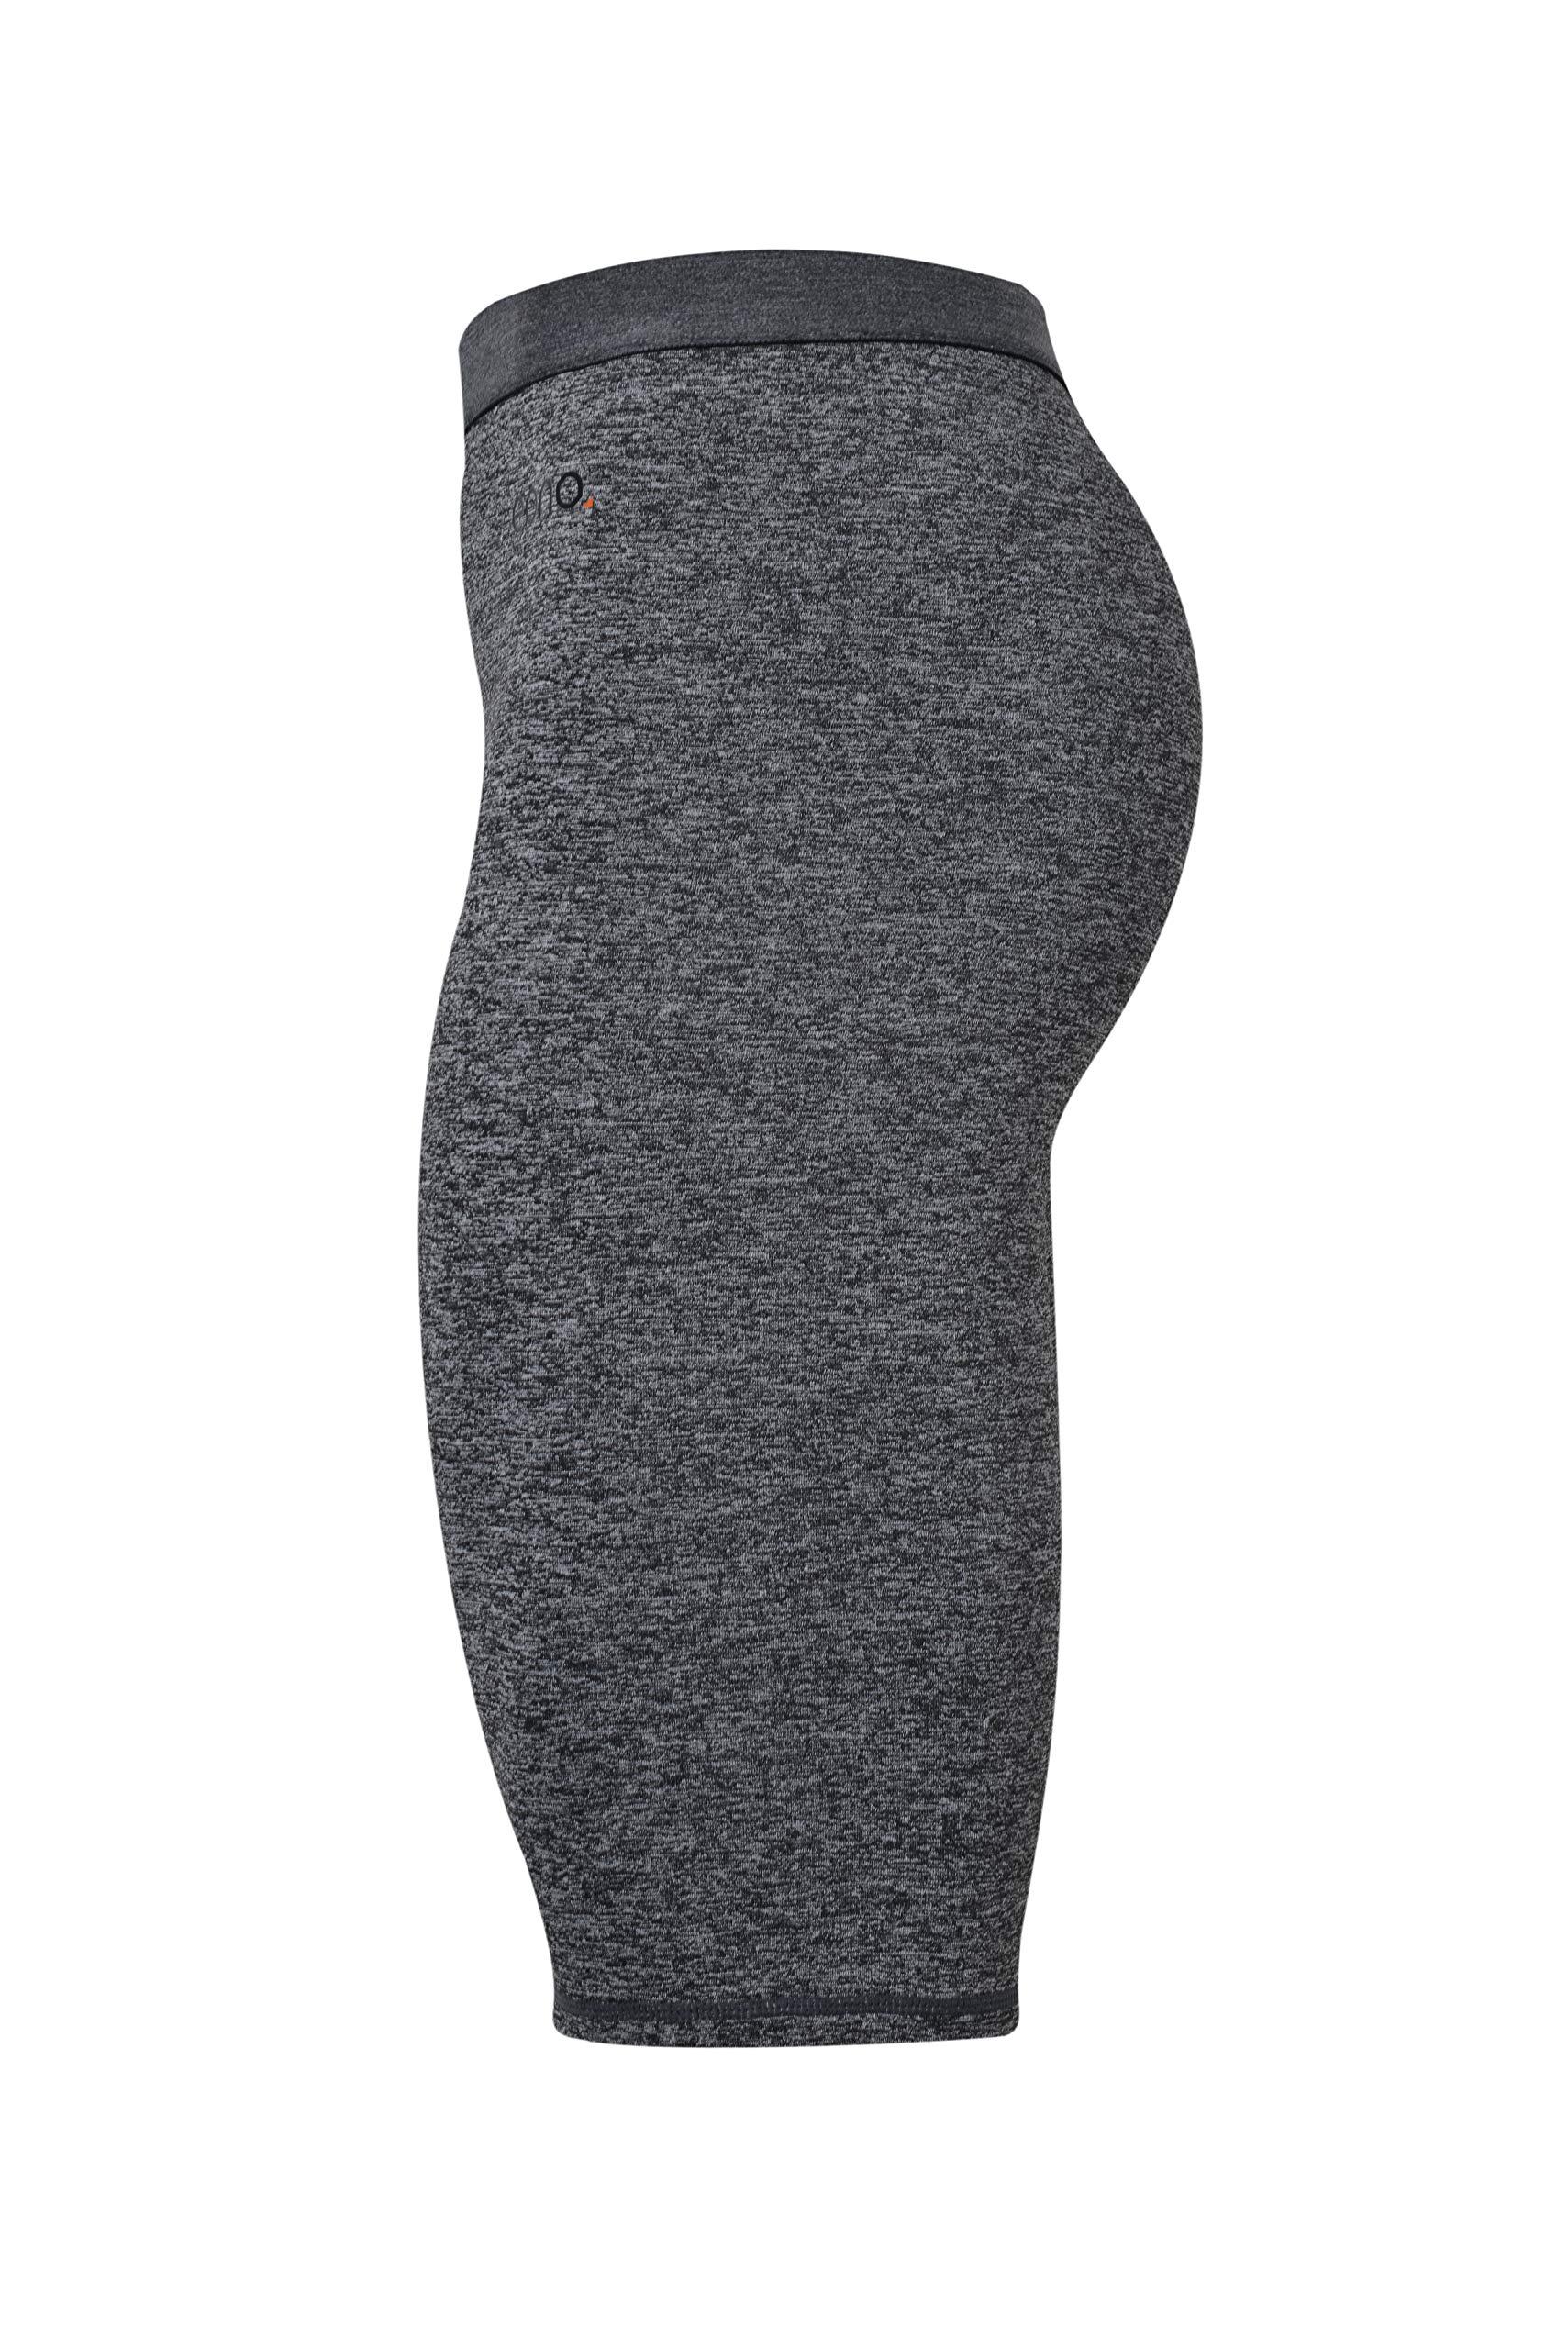 da uomo pantaloncini aderenti elasticizzati Eono Essentials